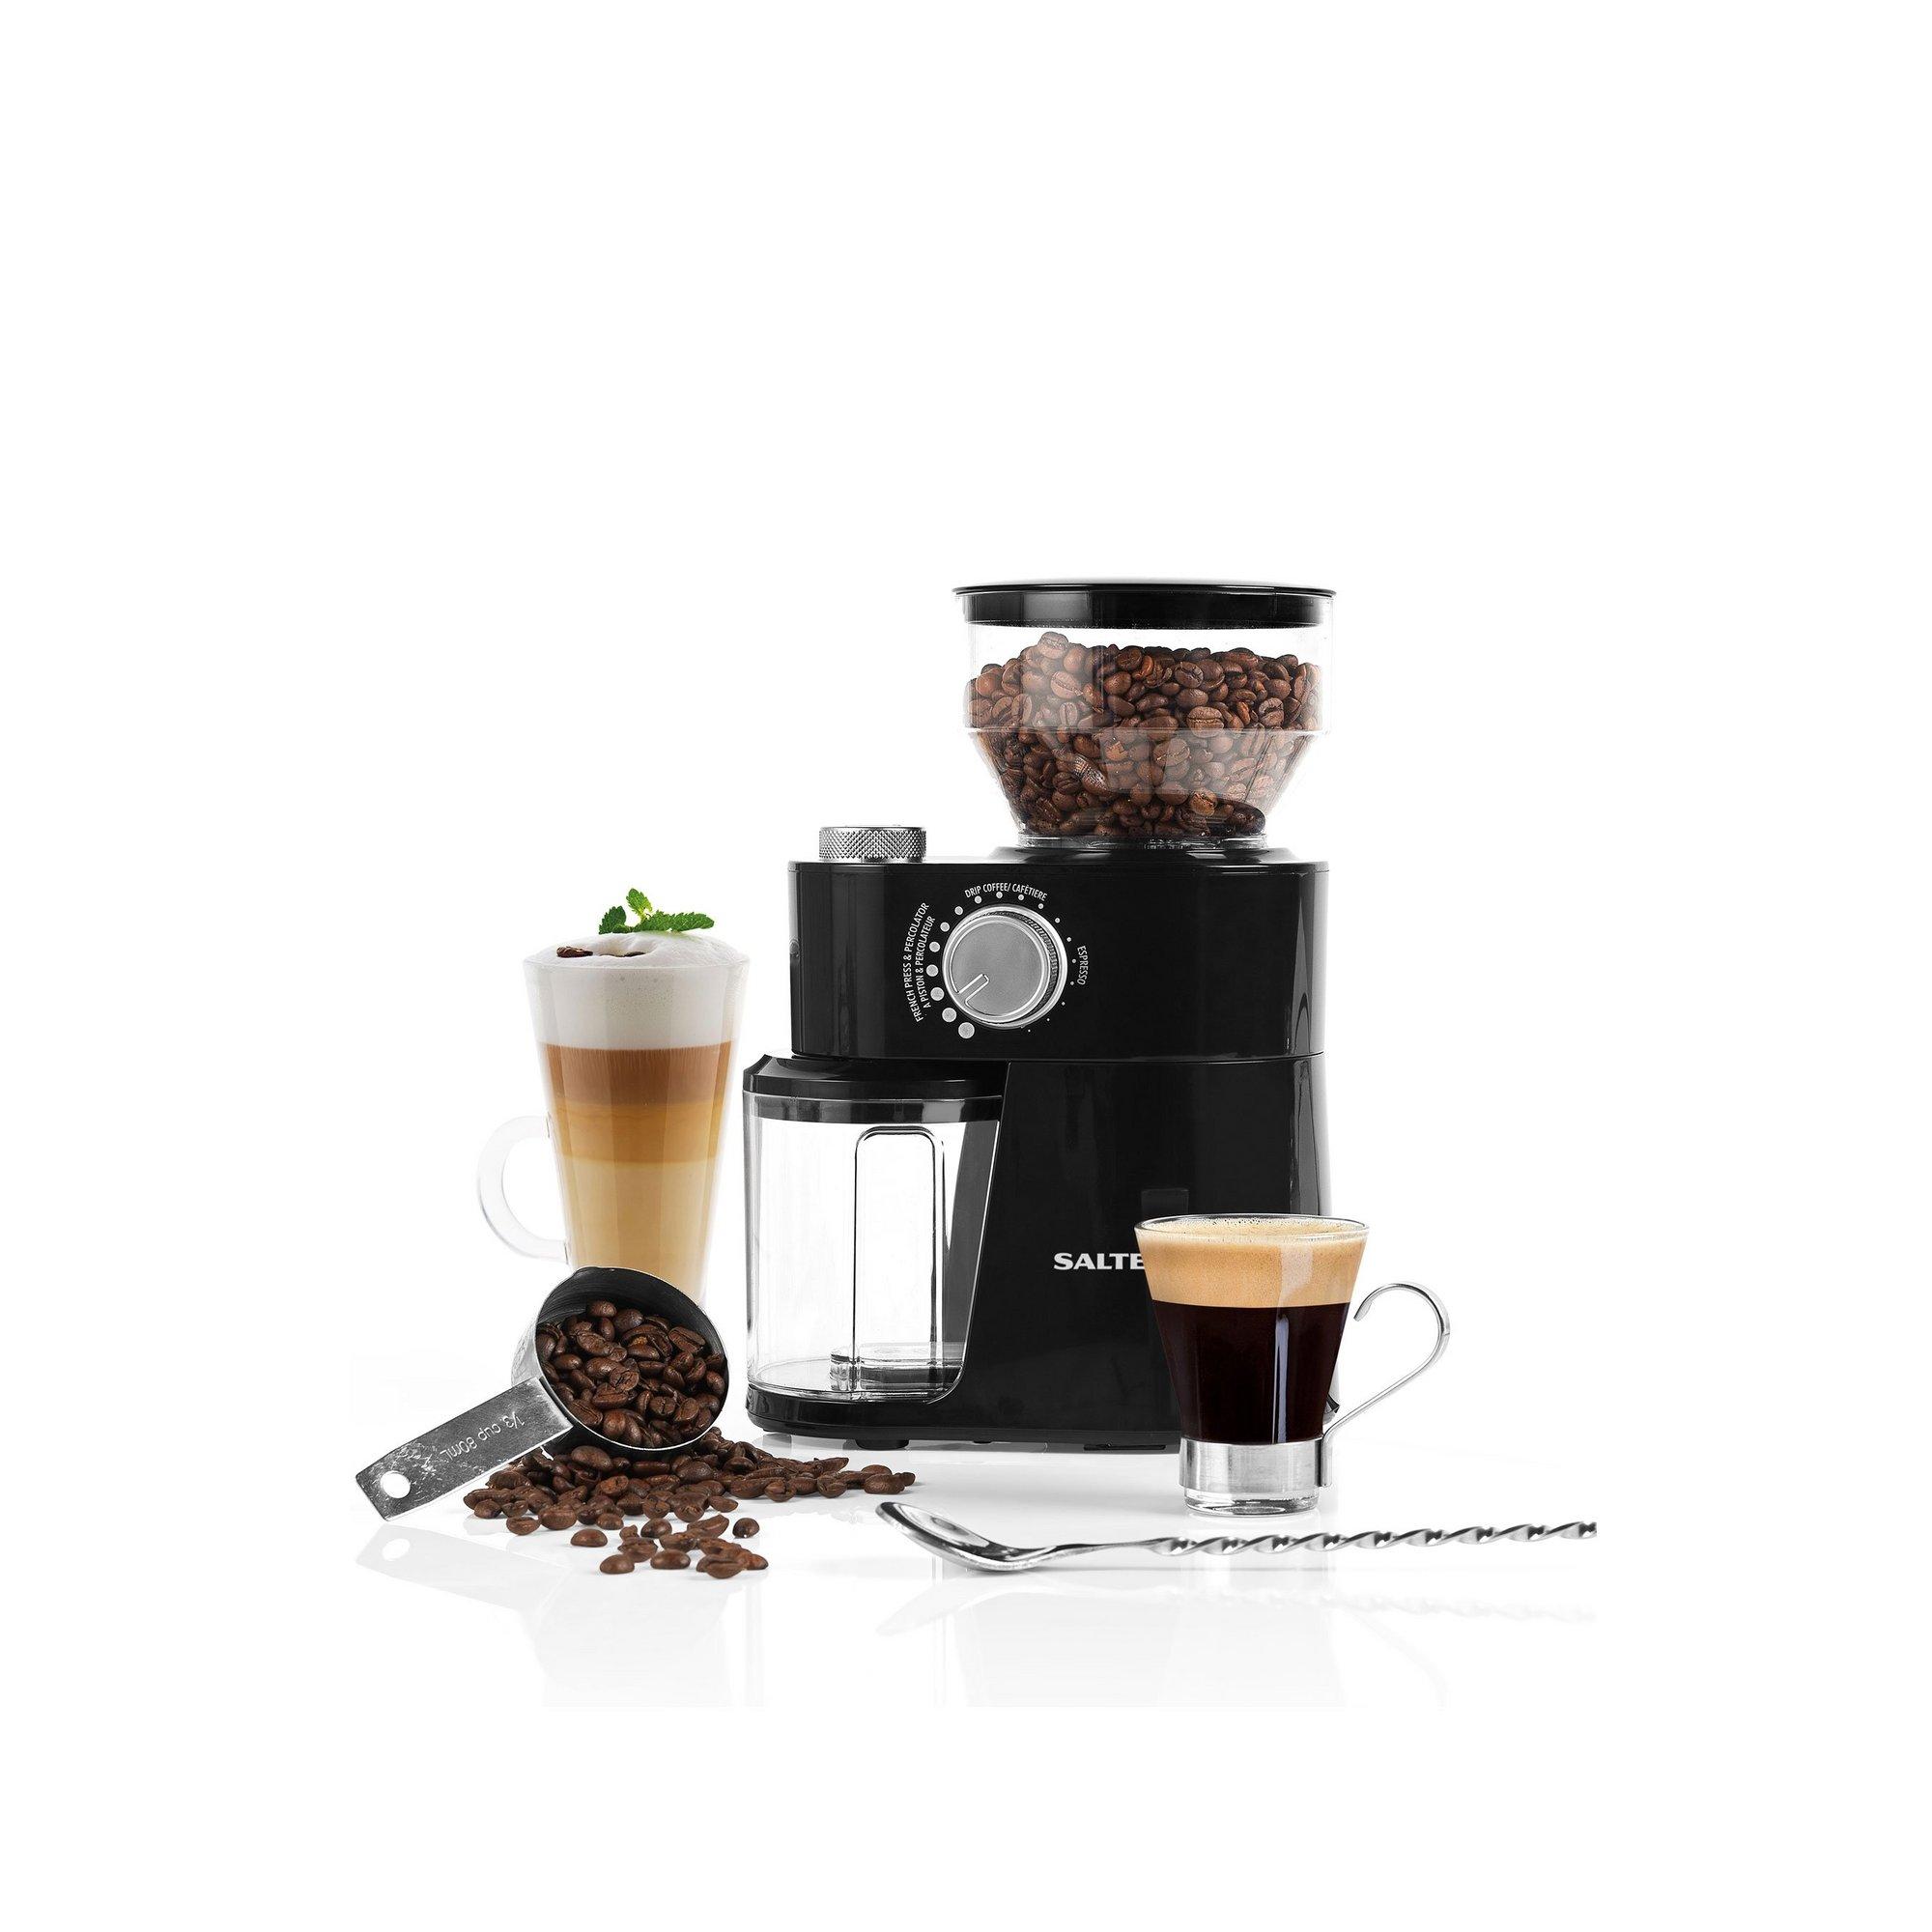 Image of Salter Caffe Burr Coffee Grinder